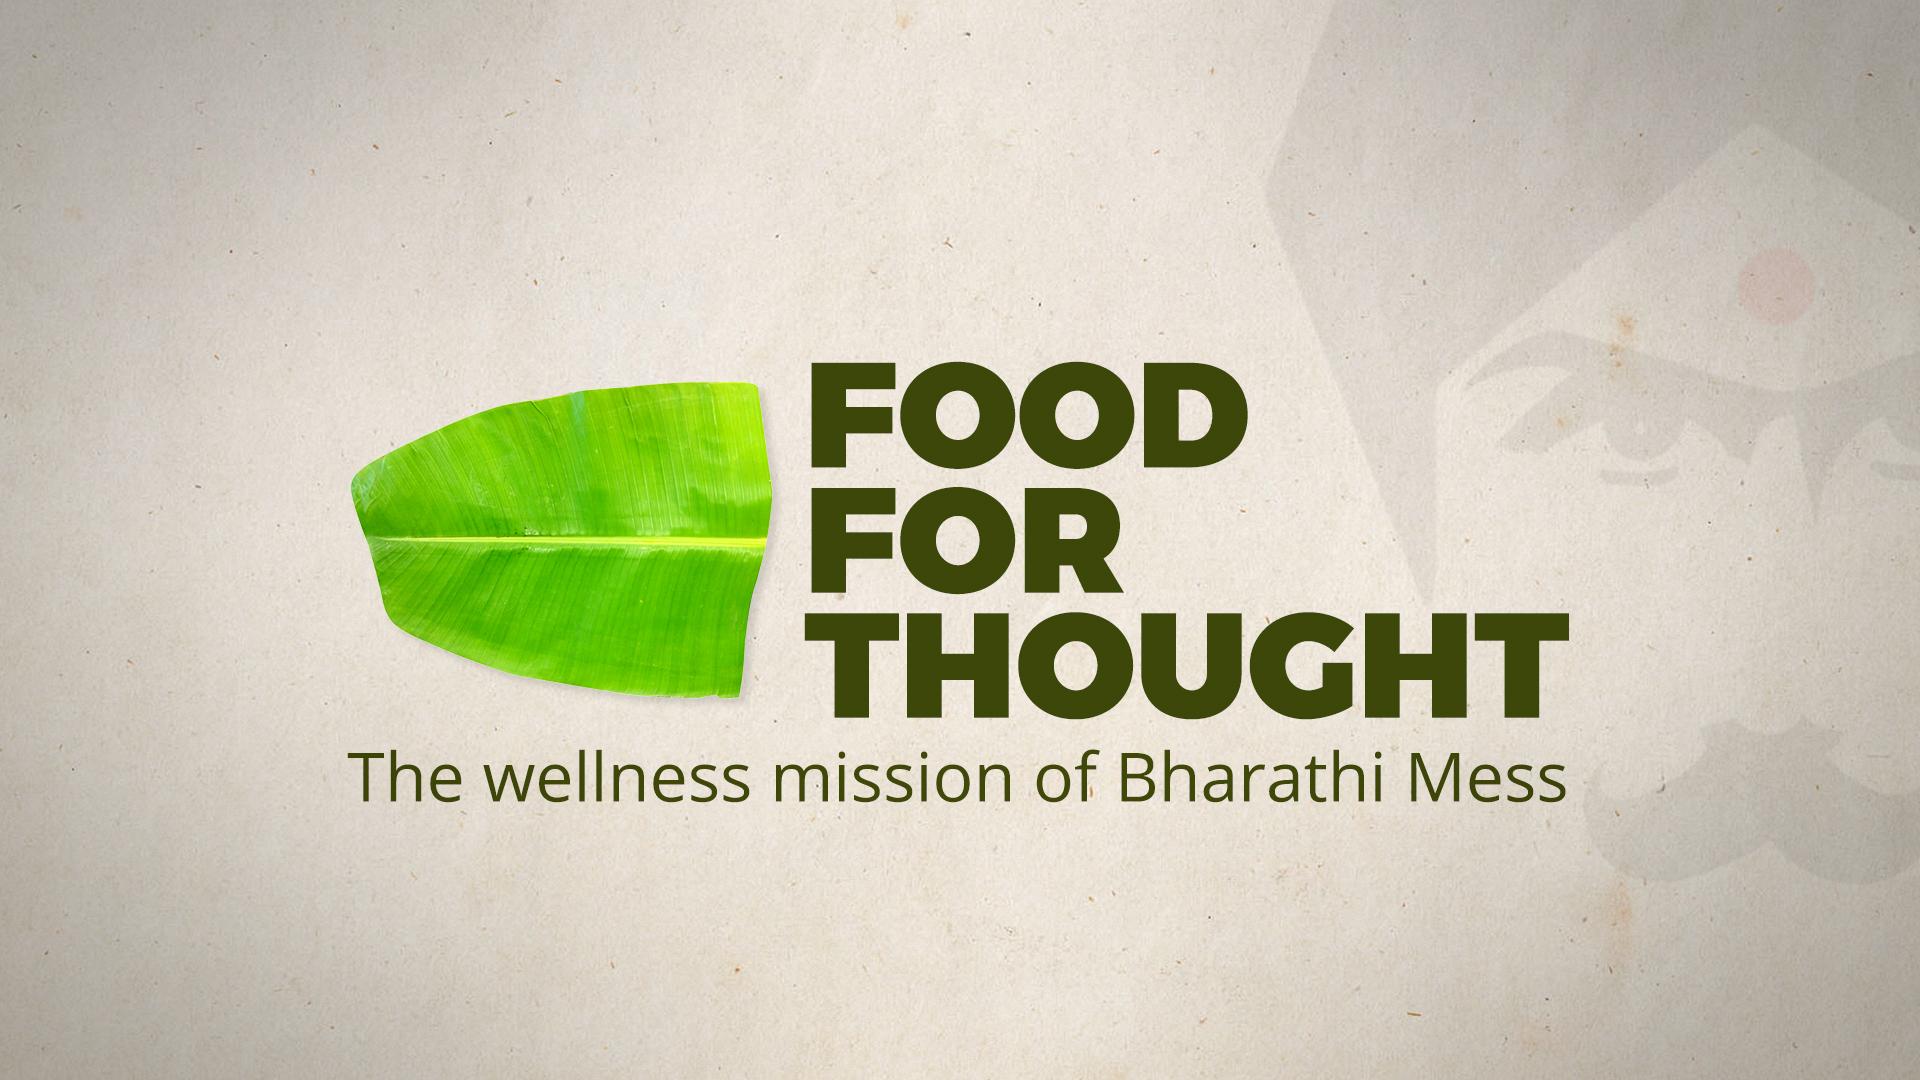 bharathi-mess-poster-wo-logo